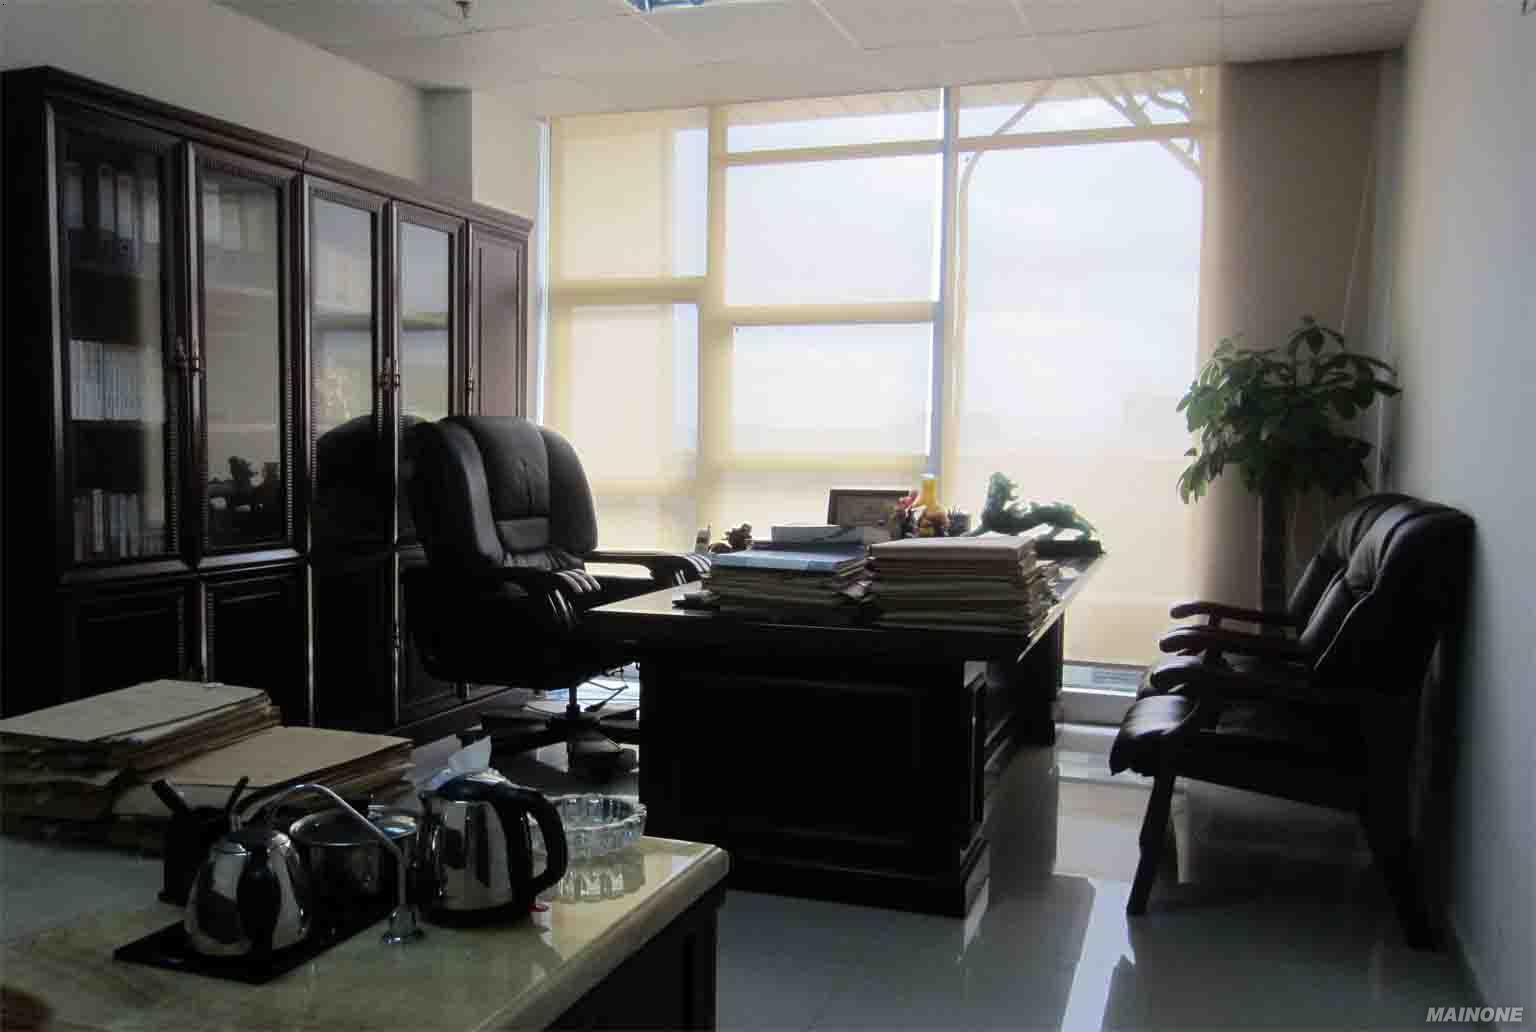 苏州律师事务所-苏州律师事务所价格-苏州律师